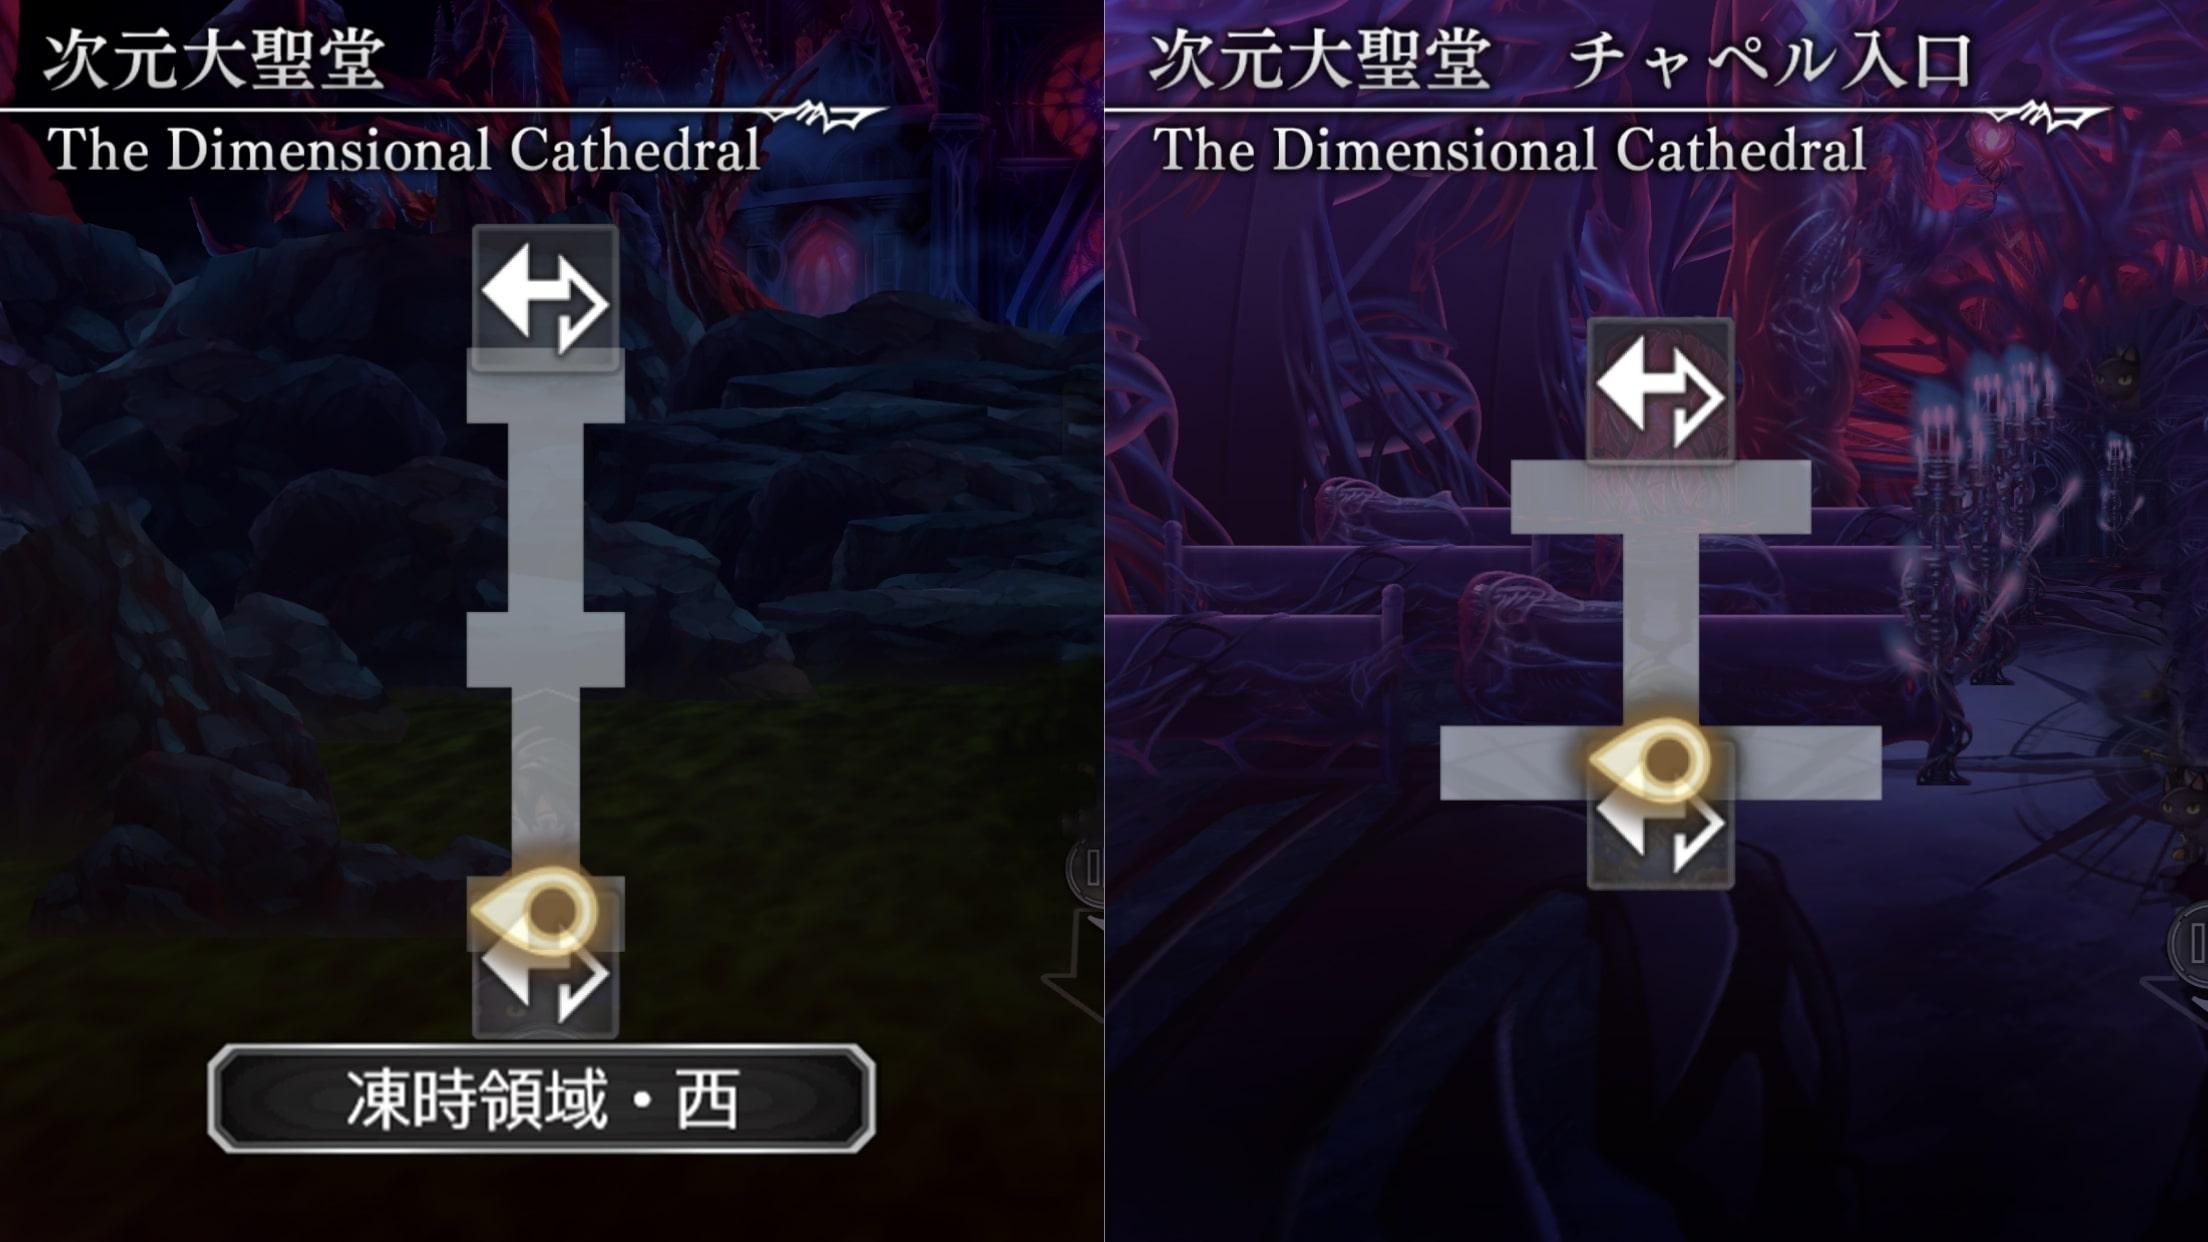 次元大聖堂マップ1